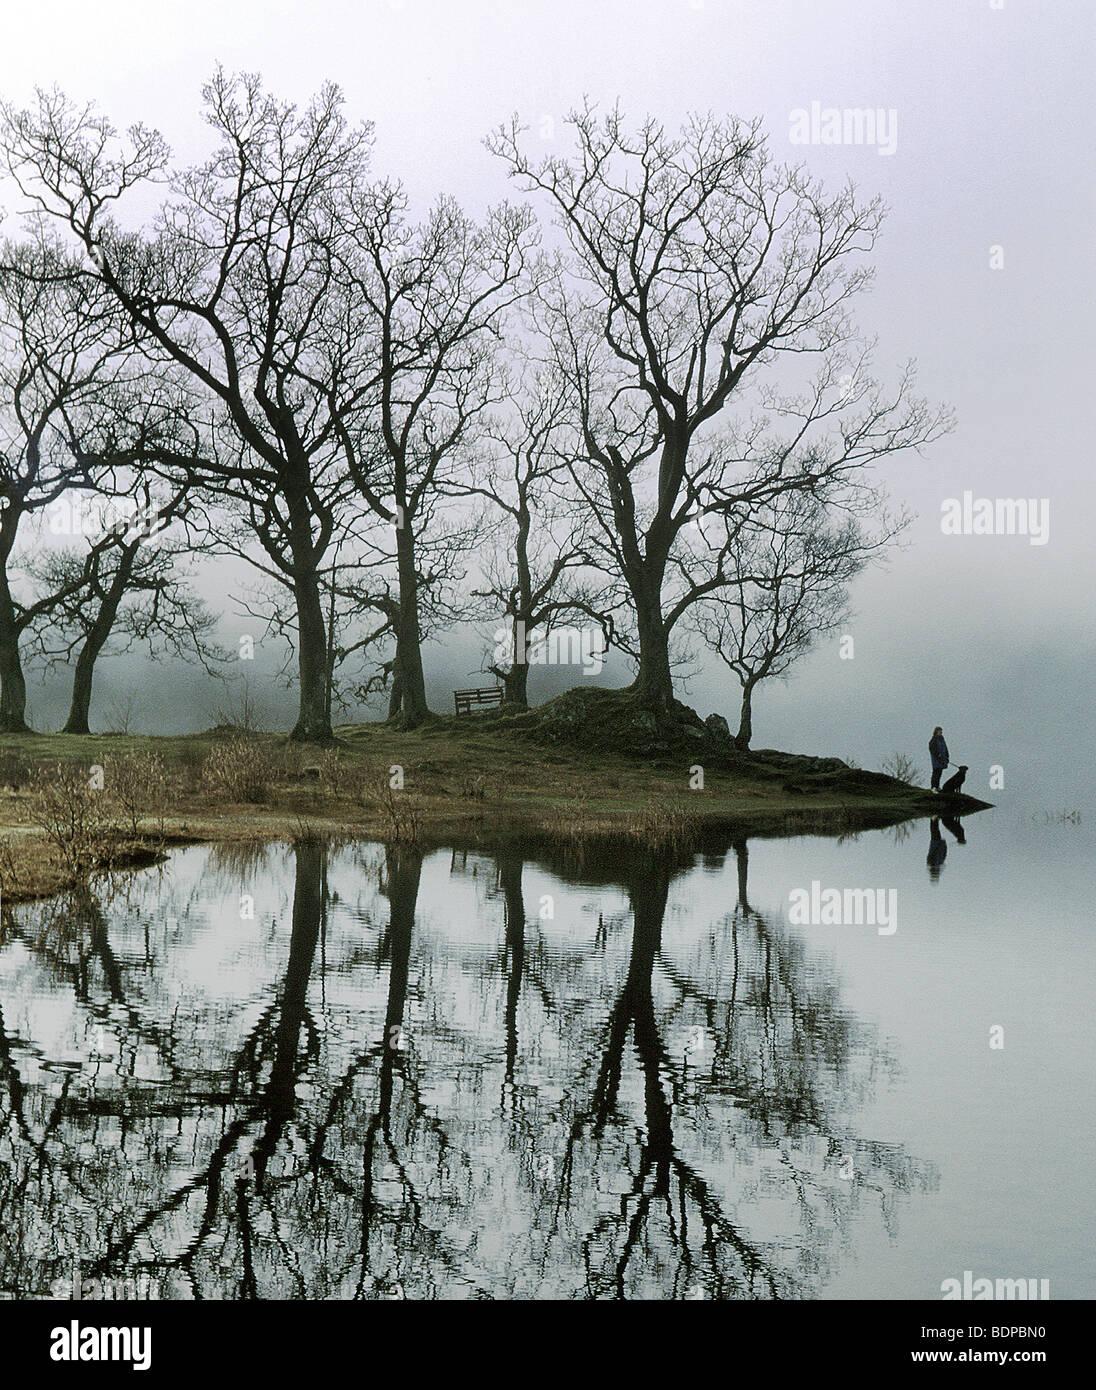 Una figura con un cane in piedi accanto a un lago con alberi Immagini Stock